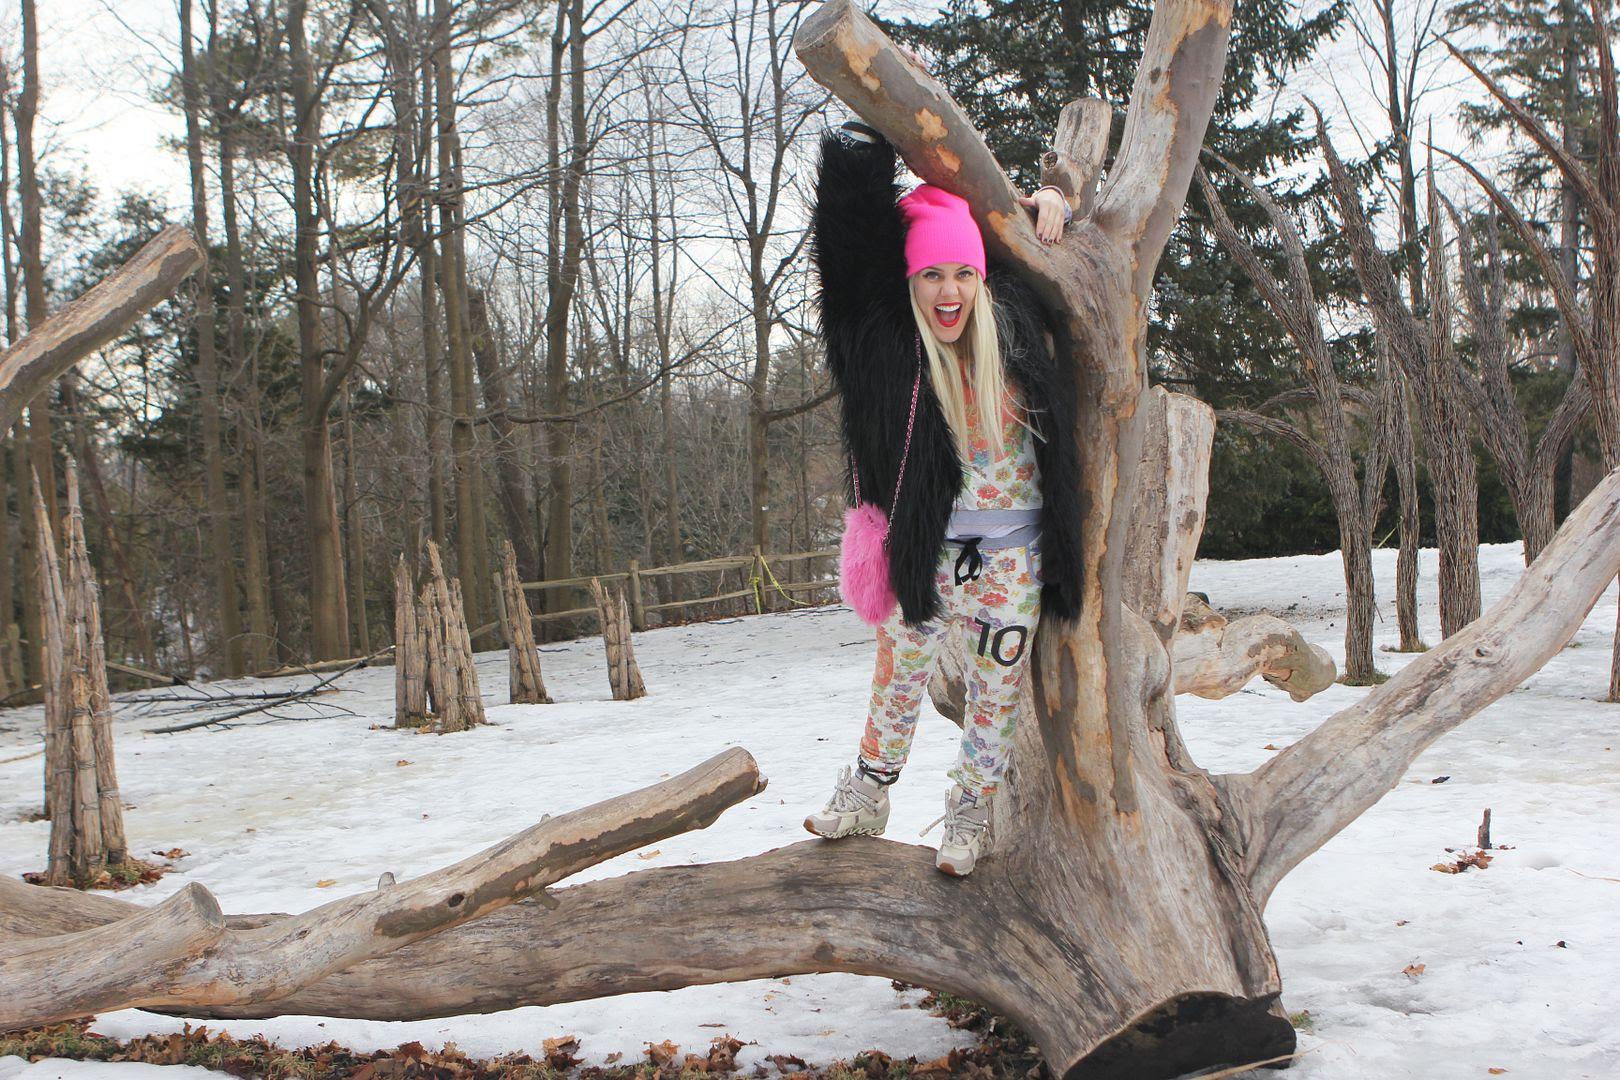 photo fashion-beckerman-sisters-happiness-sweats_zps4f330192.jpg